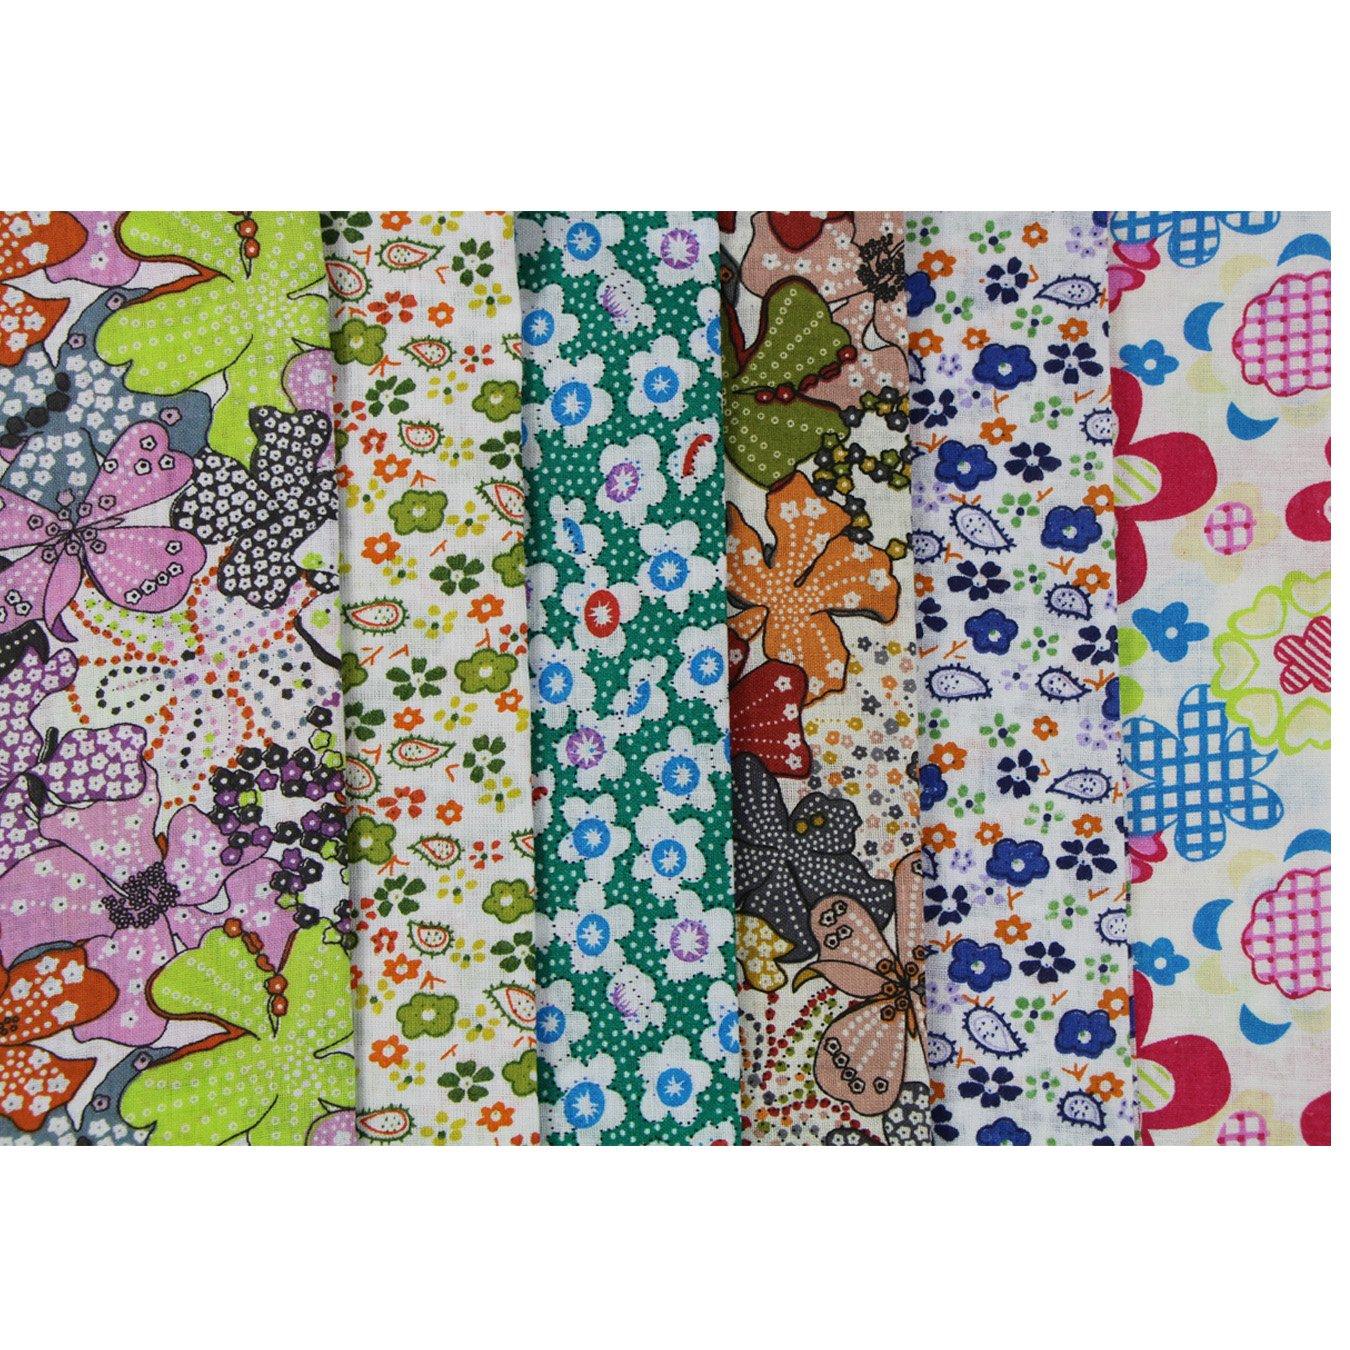 6 unidades 50 x 50 cm Plástico paquetes Patchwork sustancias algodón toalla DIY hecha a mano costura quilten plástico algodón Varios diseños: Amazon.es: ...